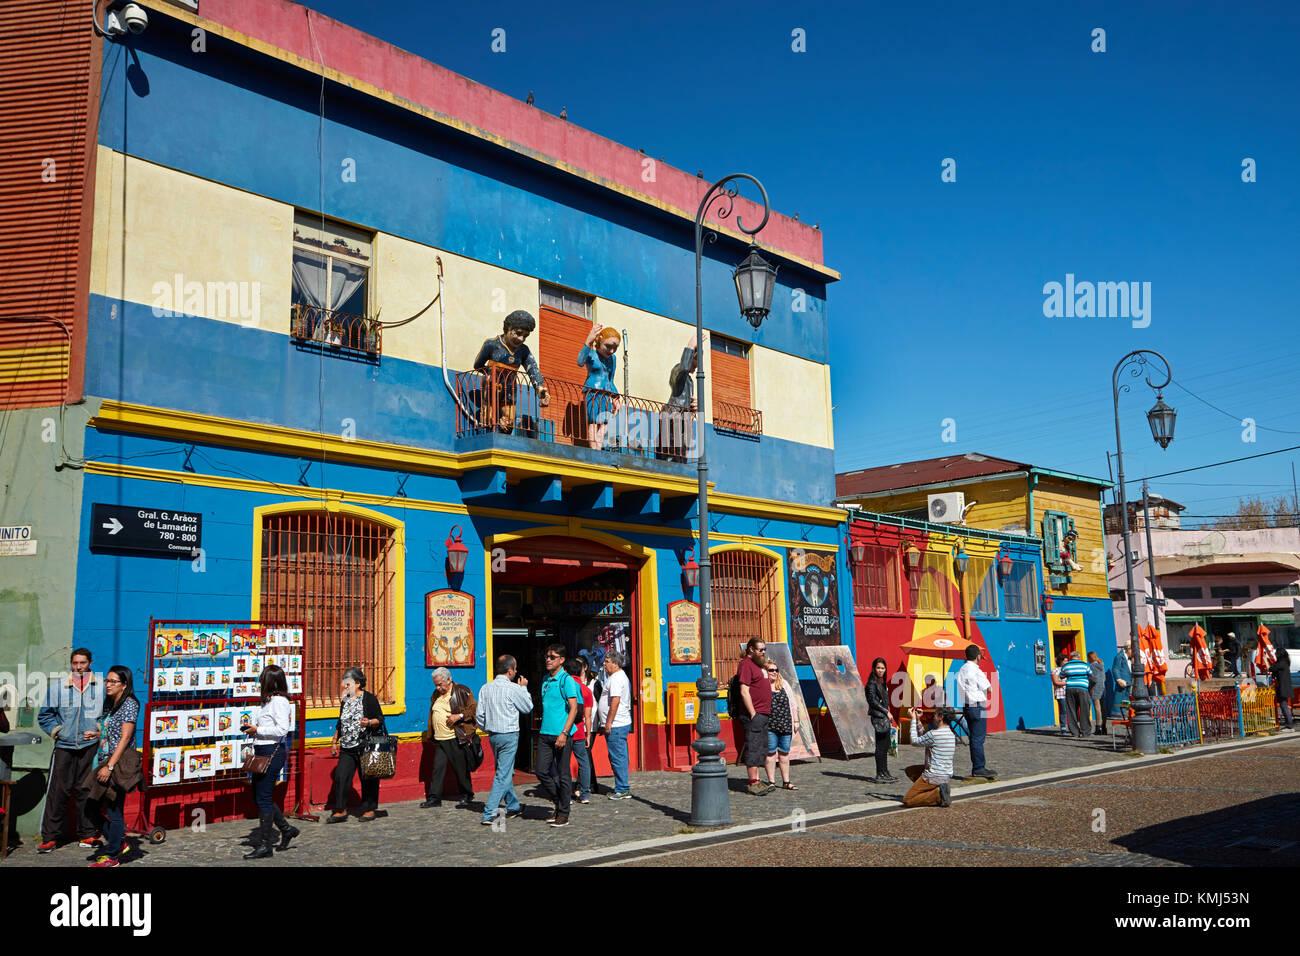 Les touristes et les magasins de souvenirs, la Boca, Buenos Aires, Argentine, Amérique du Sud Banque D'Images